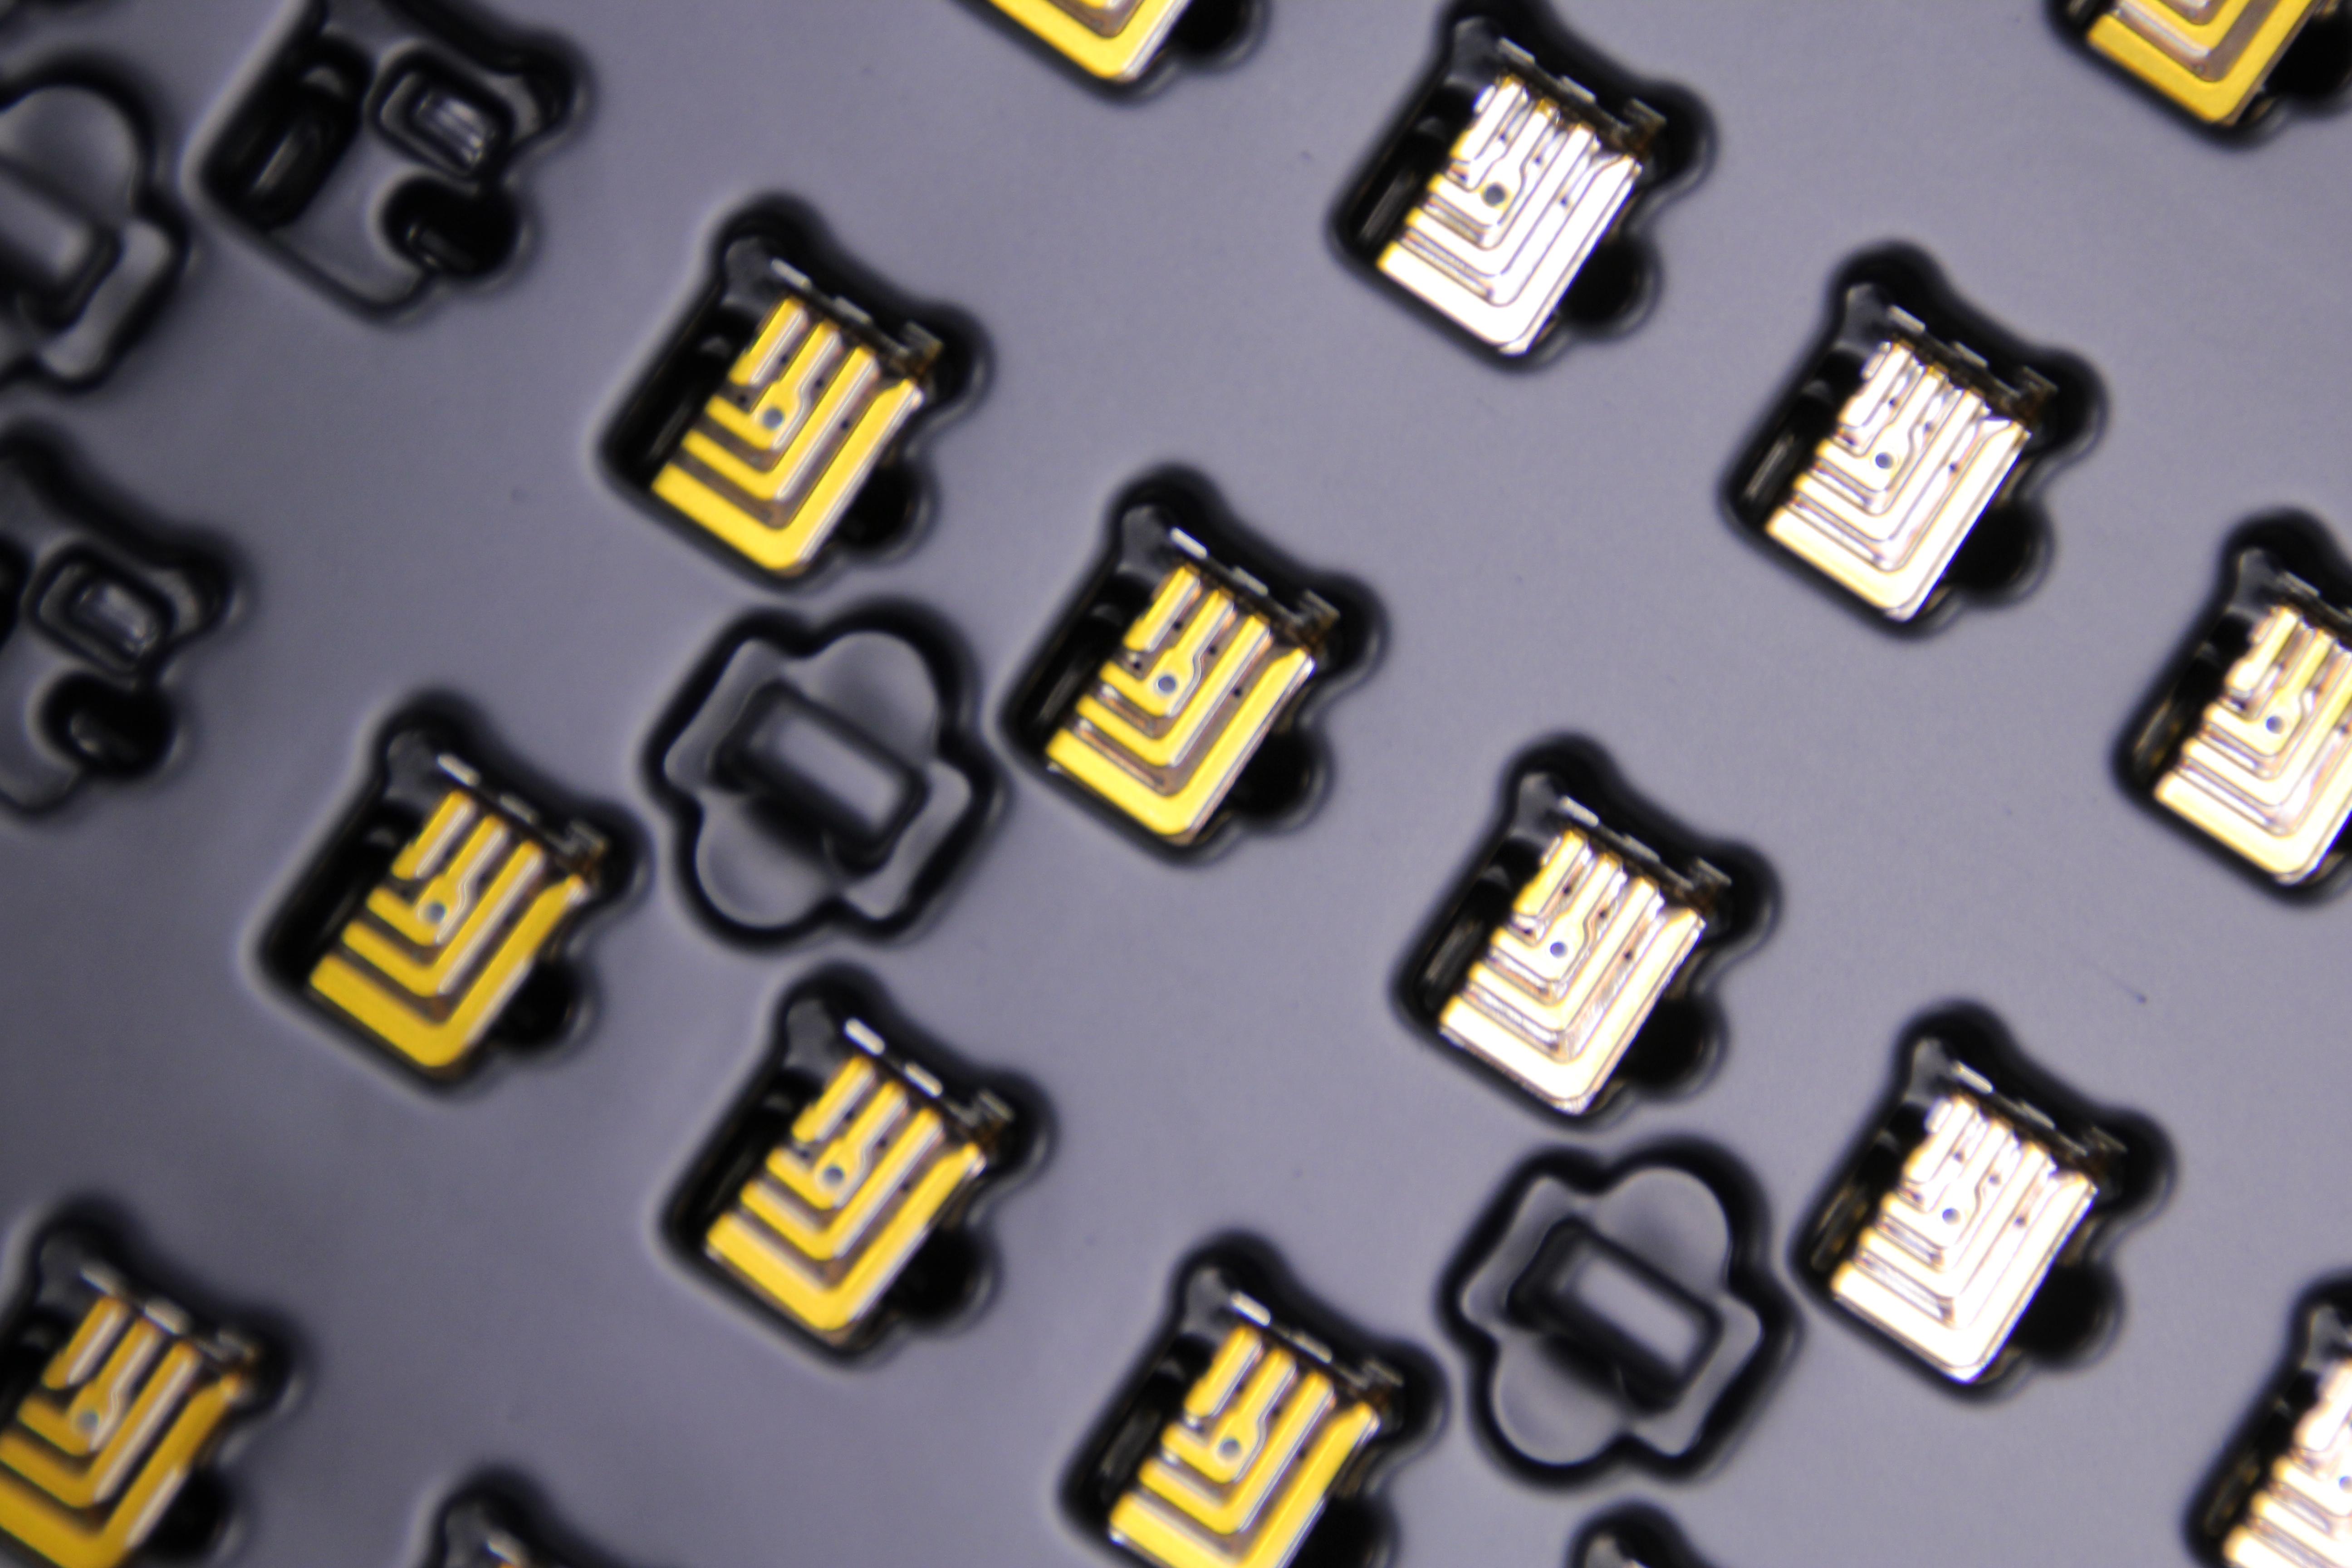 IsoLam-Verfahren: Leiterbahn mit Verdrahtungsband in Serie konfektioniert